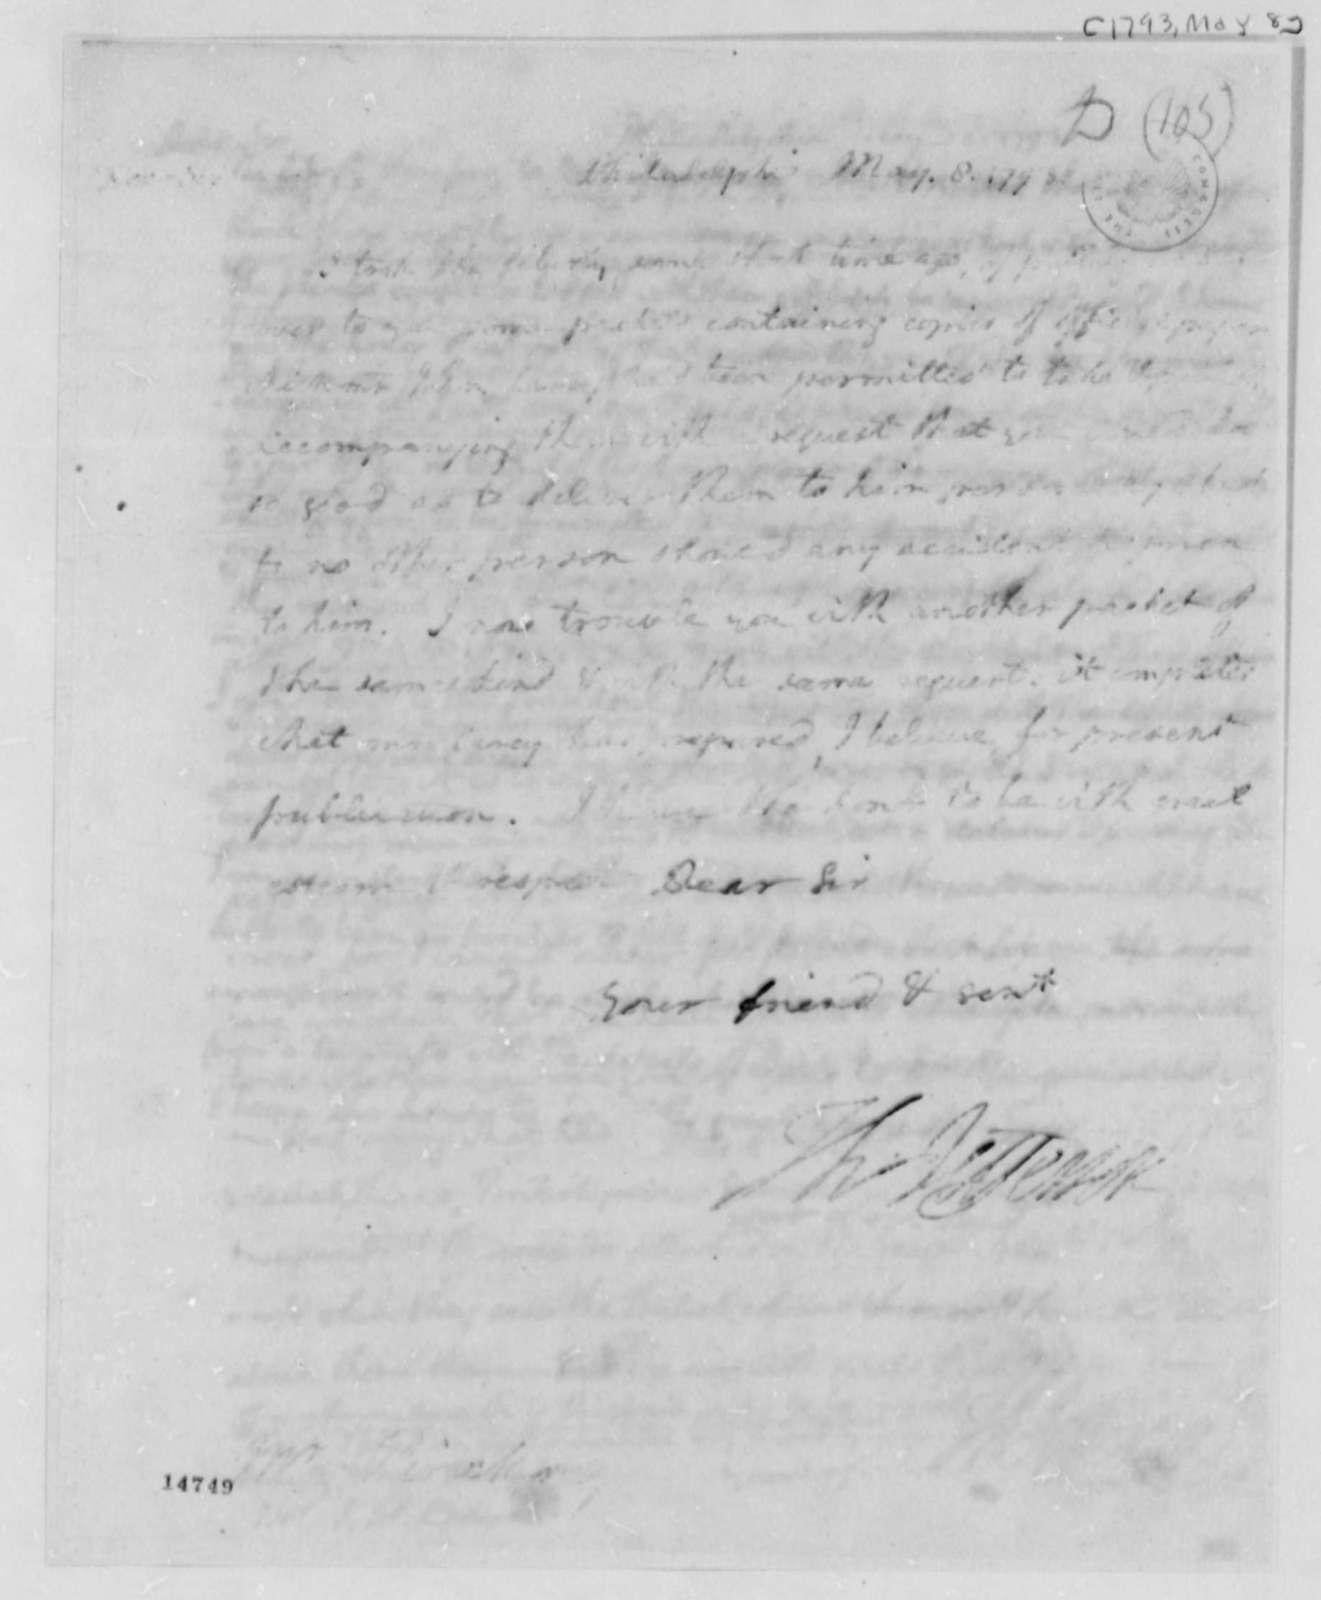 Thomas Jefferson to Thomas Pinckney, May 8, 1793, with Copy